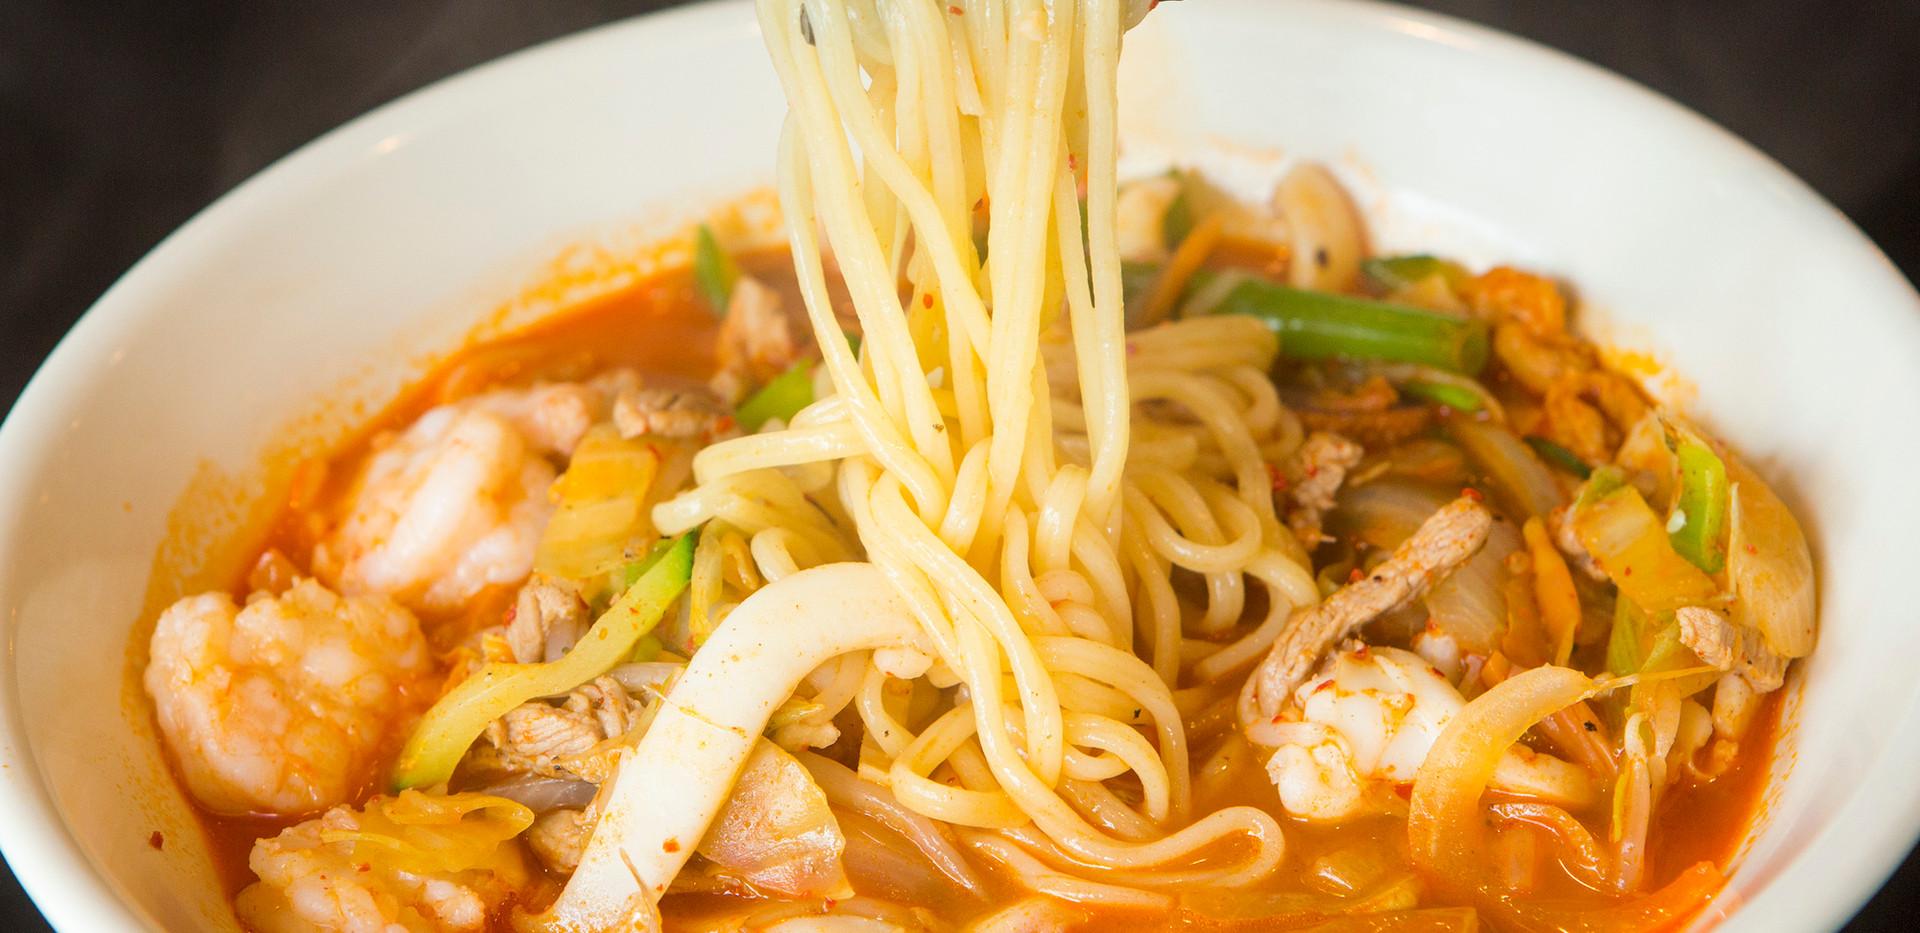 Spicy Jjamppong Noodle